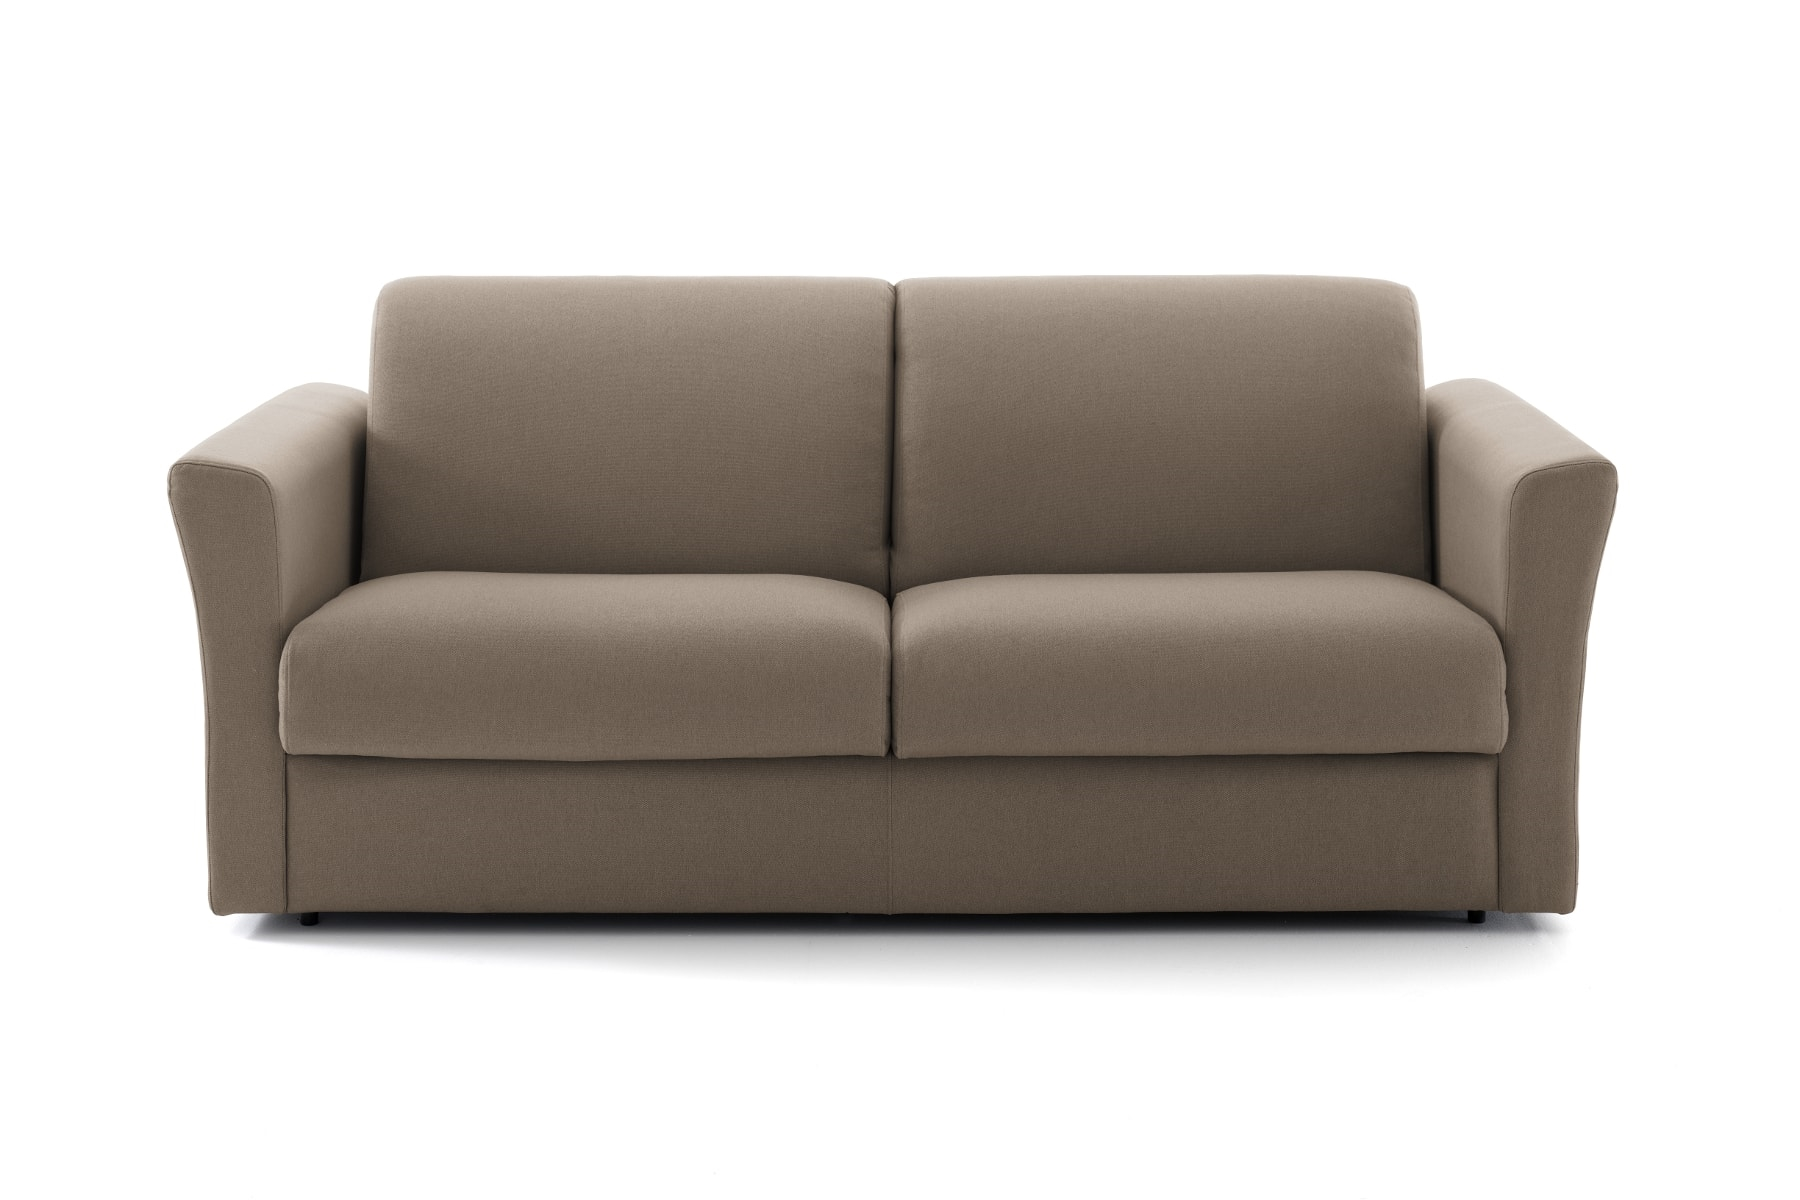 Divano letto pegaso di gienne scontato divani a prezzi scontati - Divano letto divani e divani ...